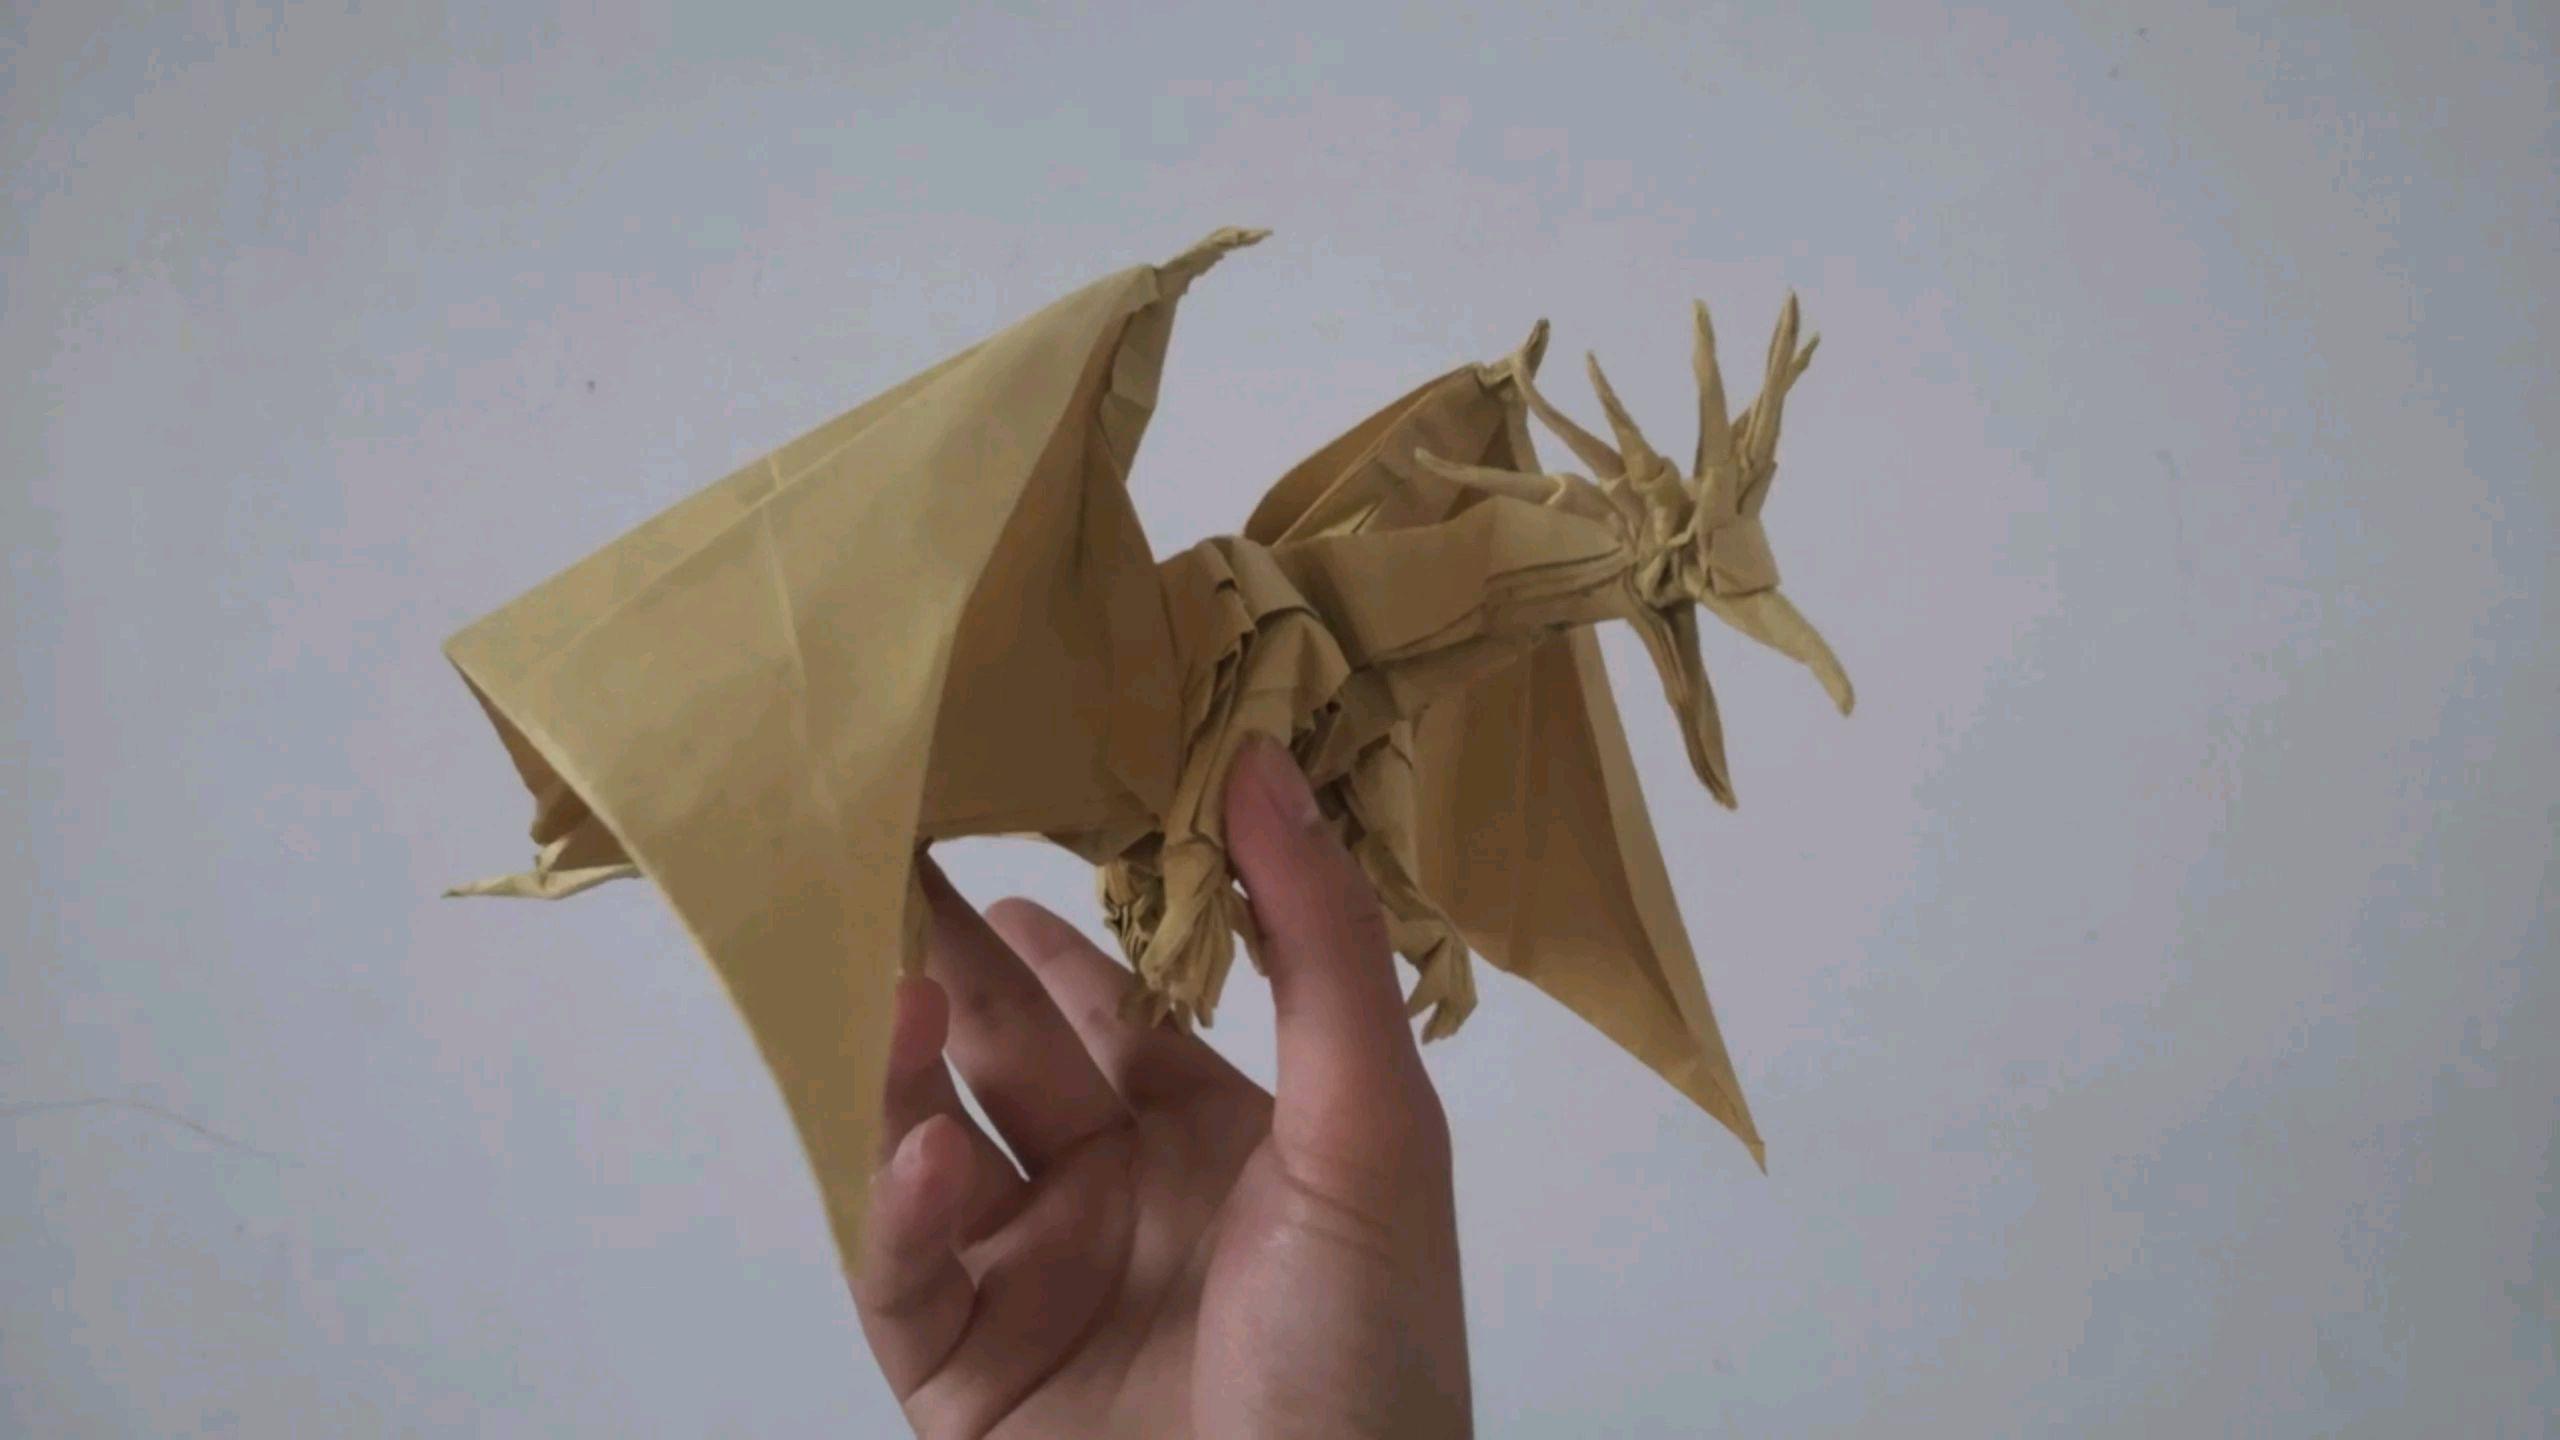 幼儿园的青蛙都弱爆了,一张纸折出一条龙。